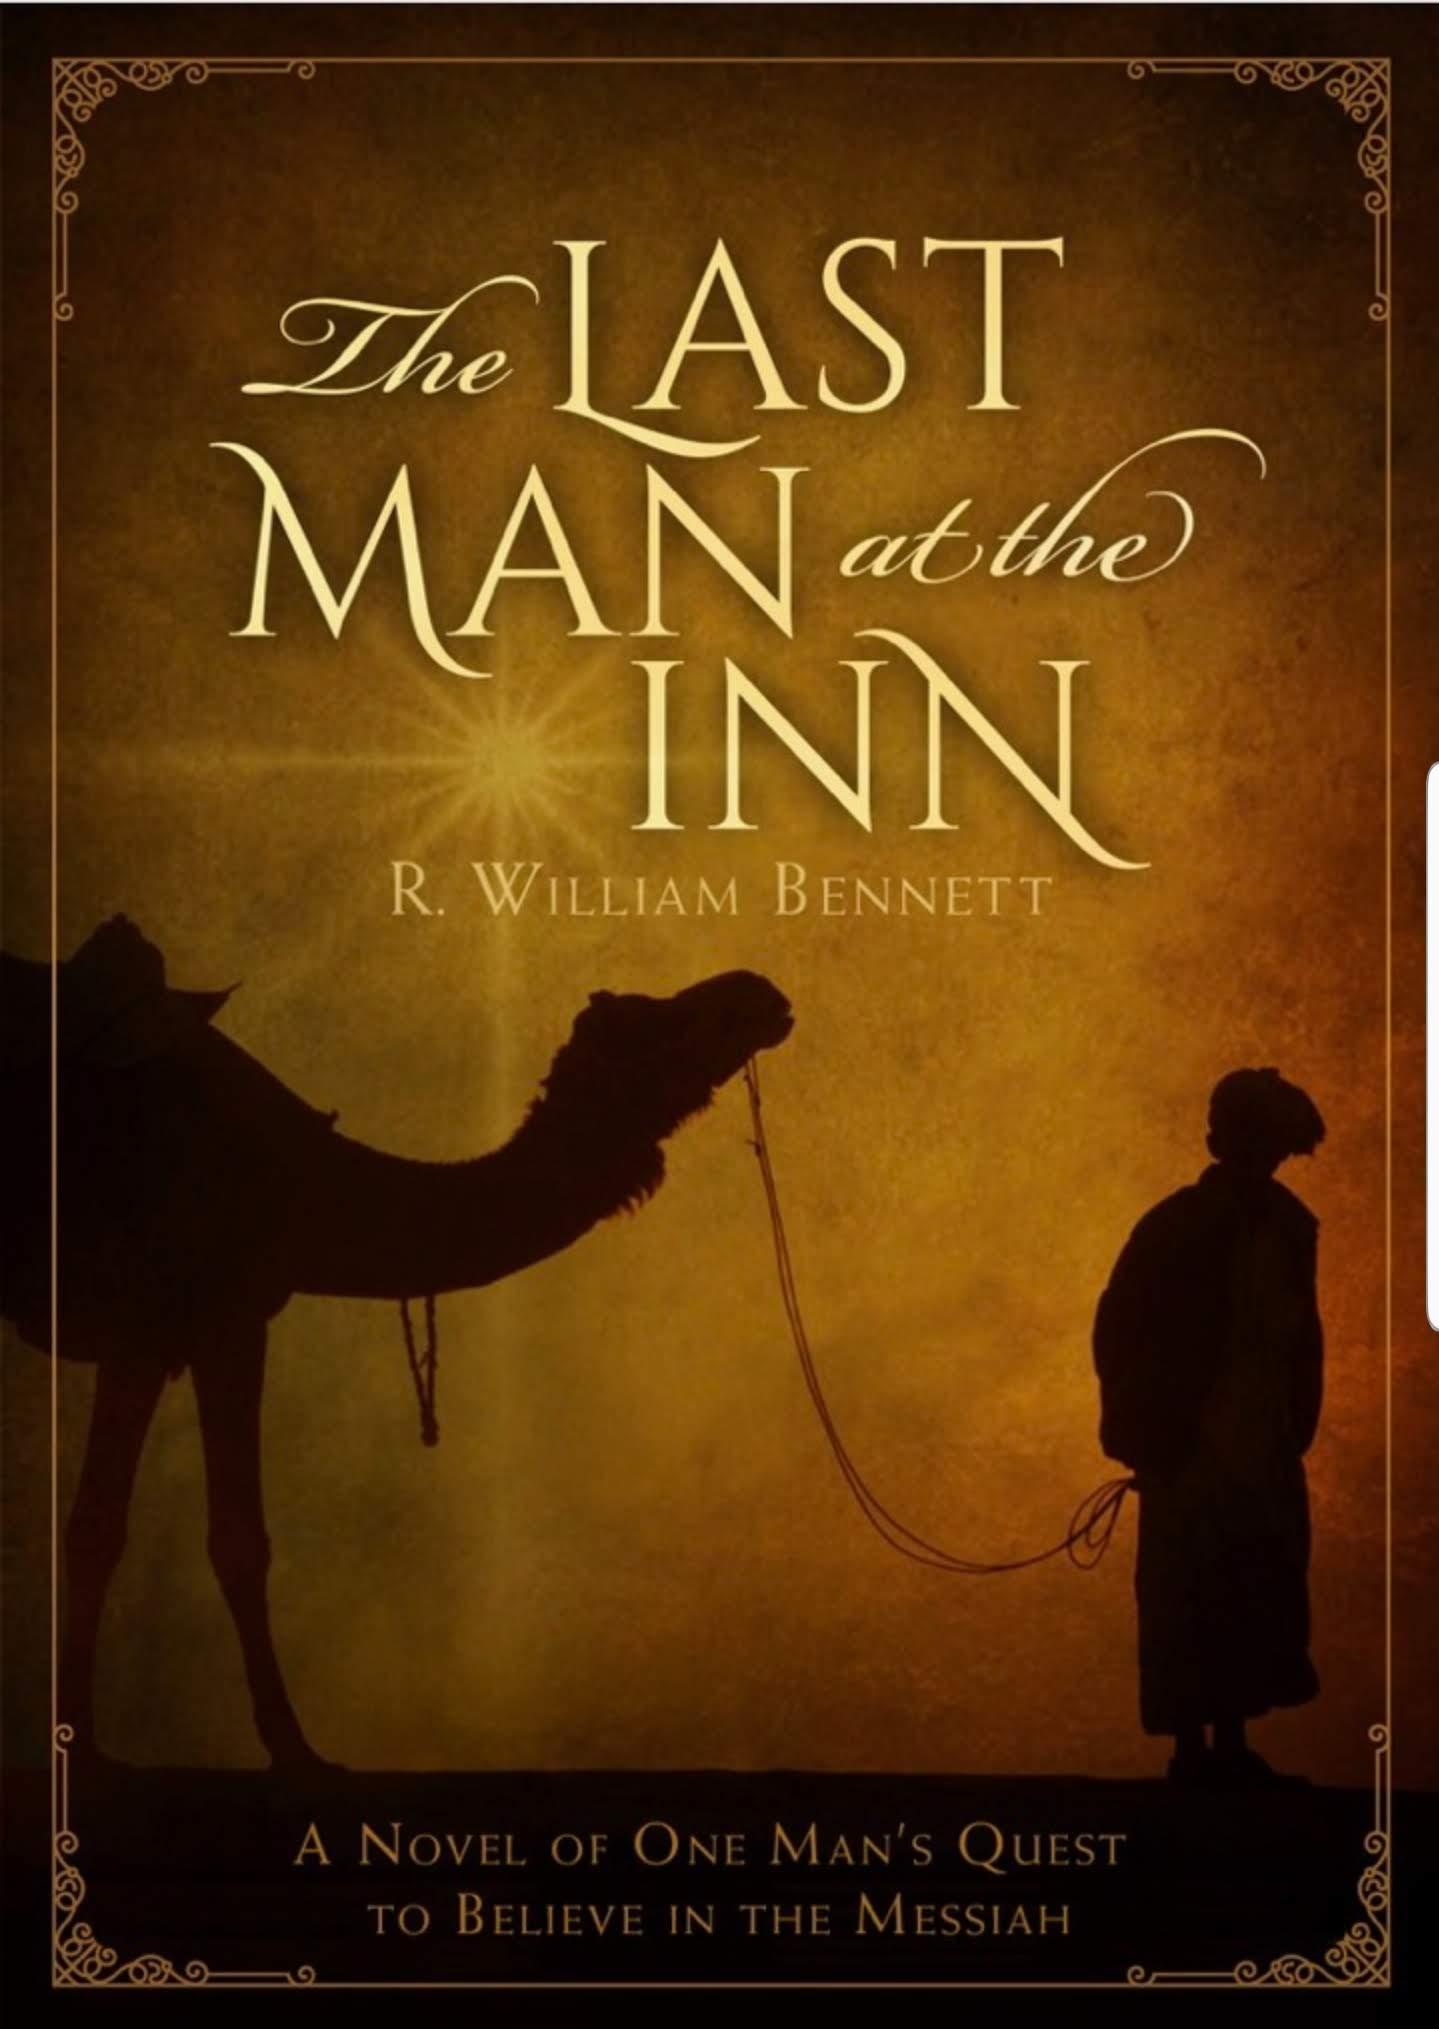 The Last Man at the Inn - Coming November 2019